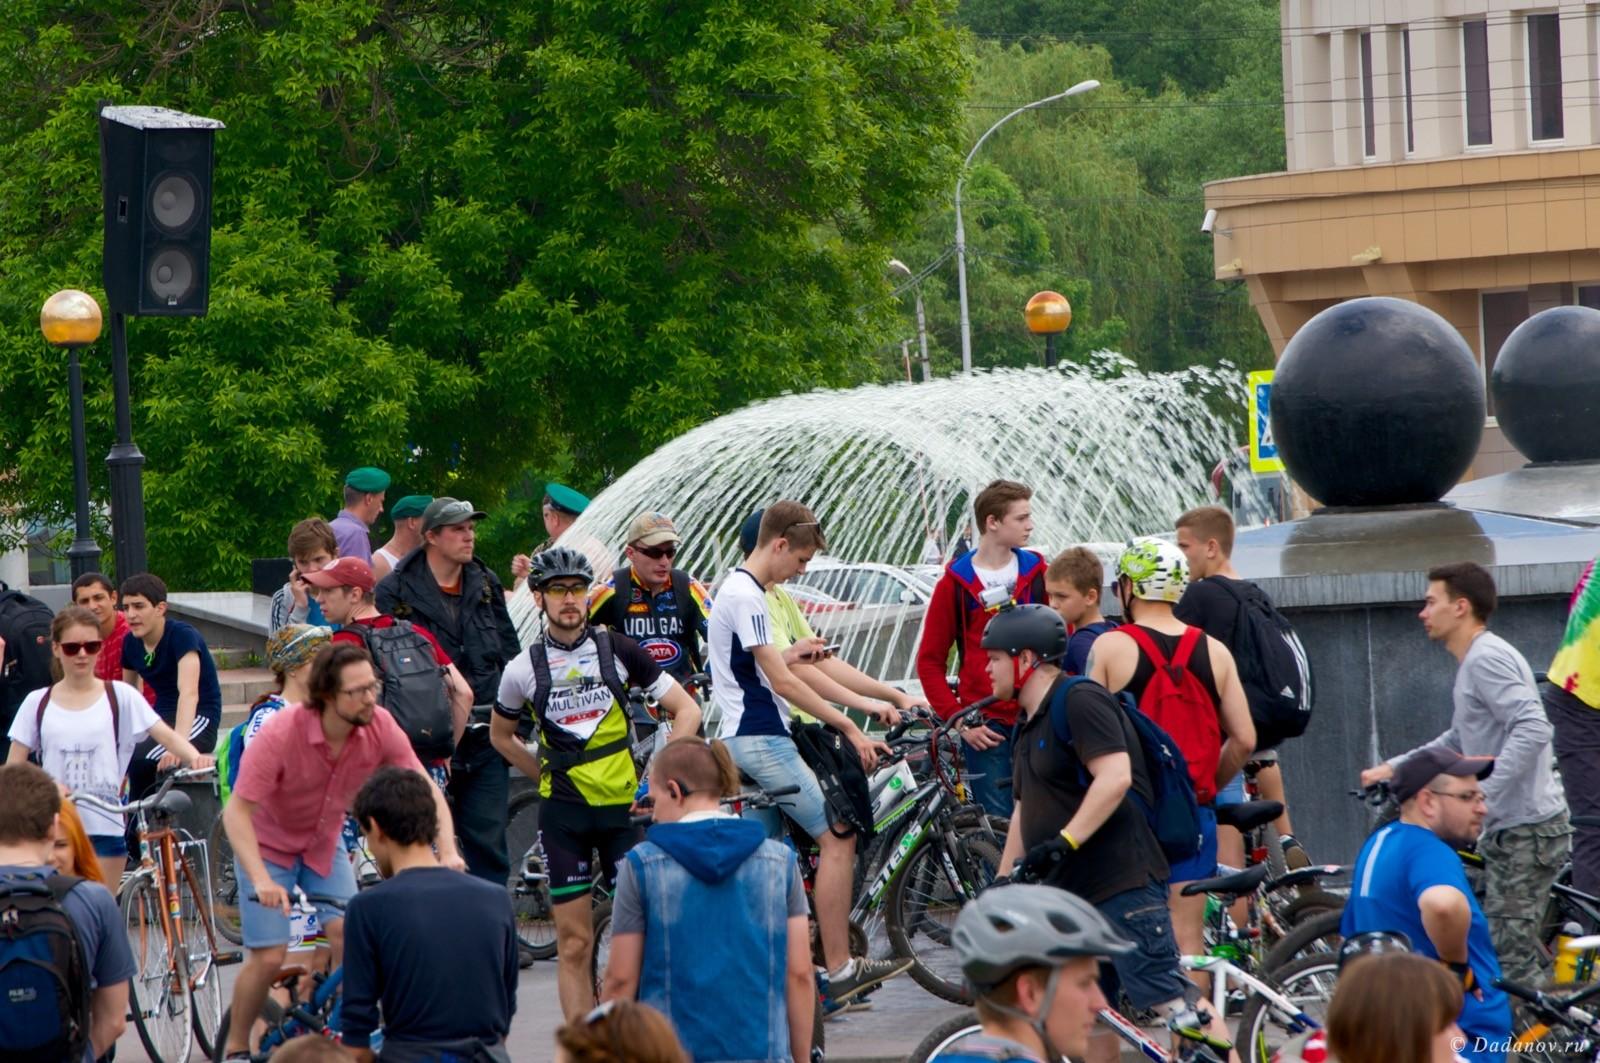 Велодень 2016 в Липецке состоялся. Фотографии с мероприятия 3054